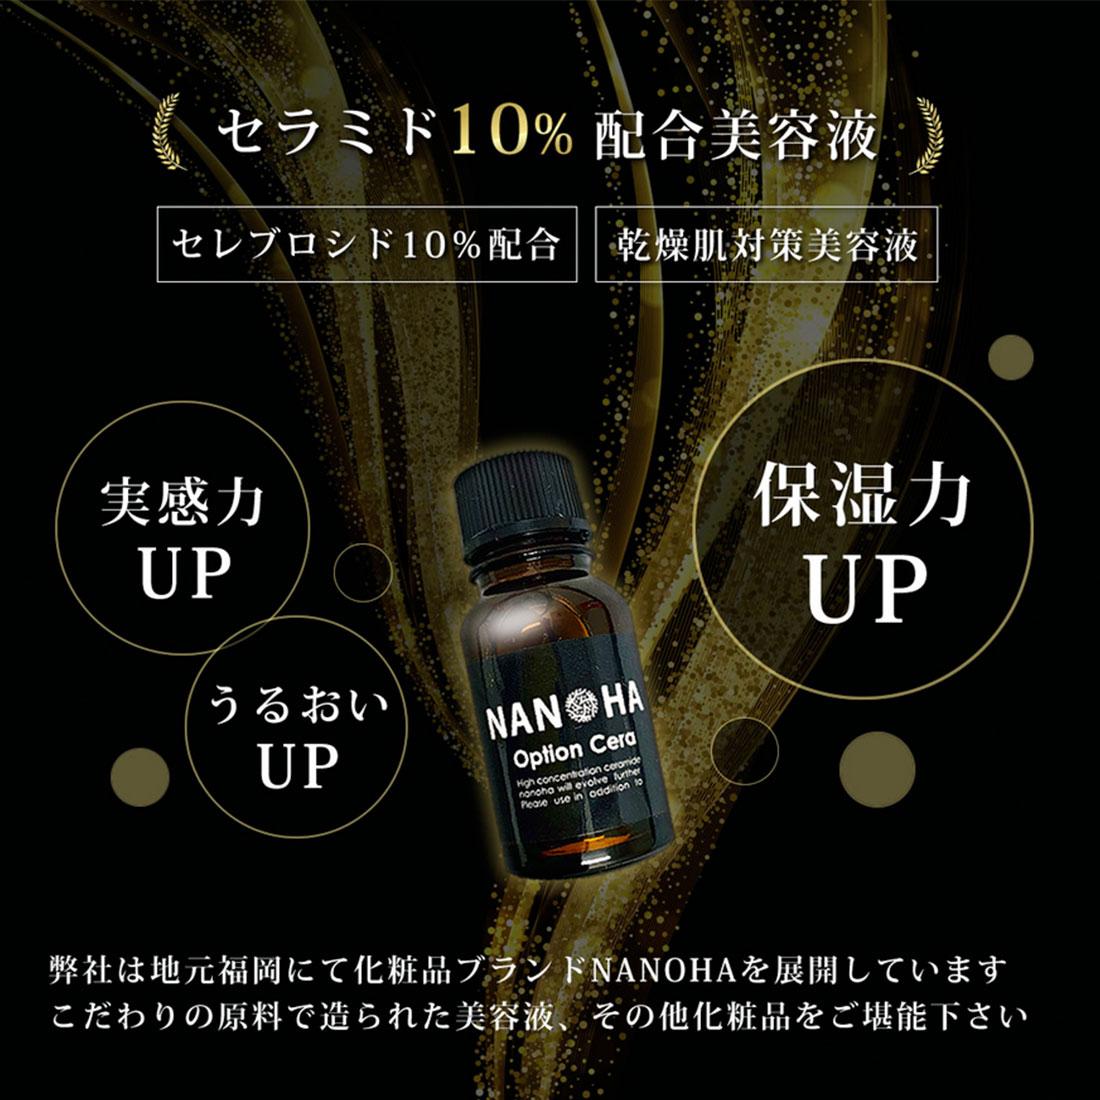 【 高濃度セラミド美容液 】NANOHA(ナノハ)オプションセラ 内容量:10ml